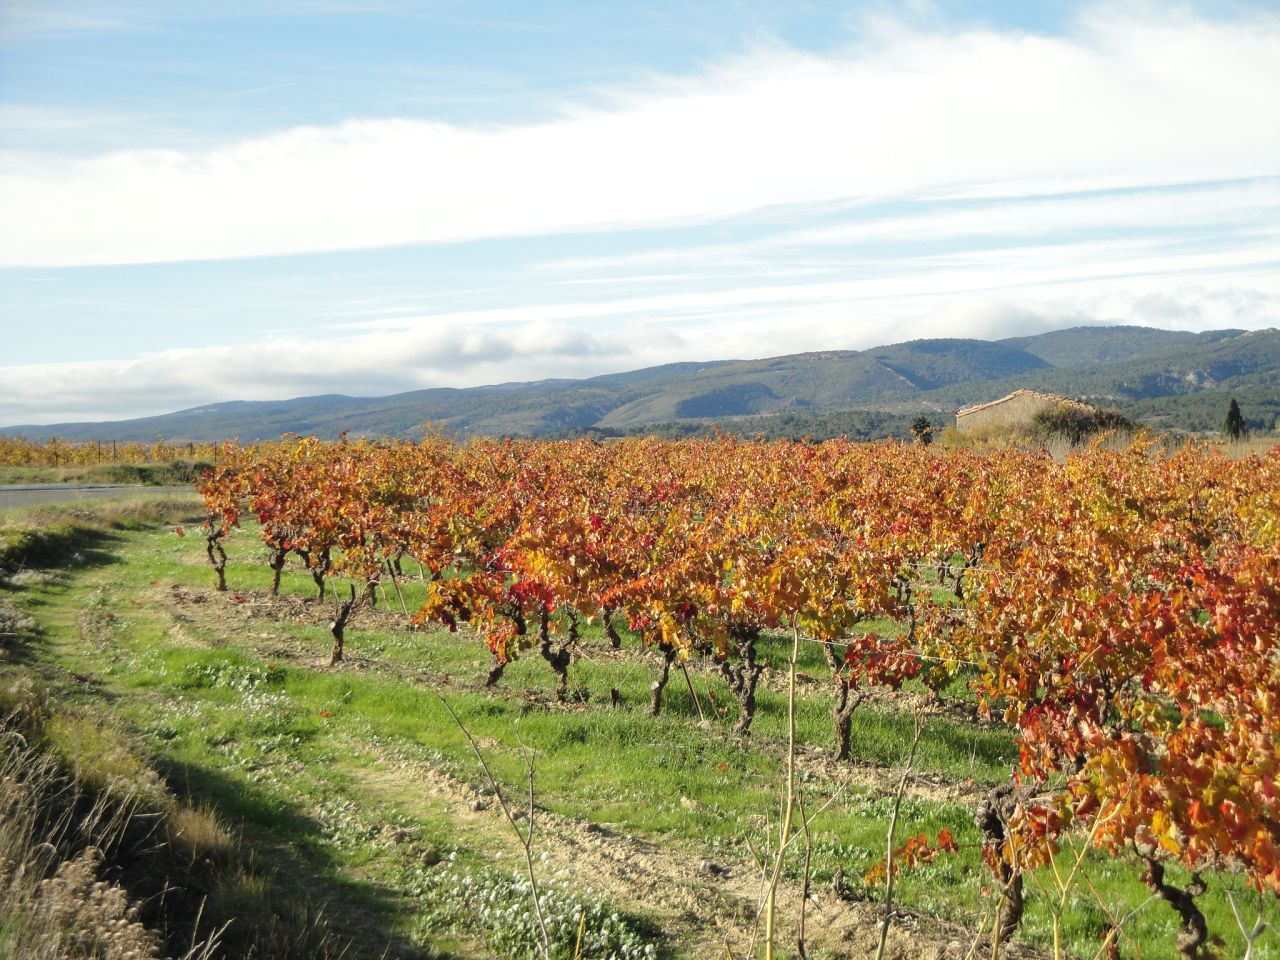 Wijngaard-in-herfstkleuren-Minervois